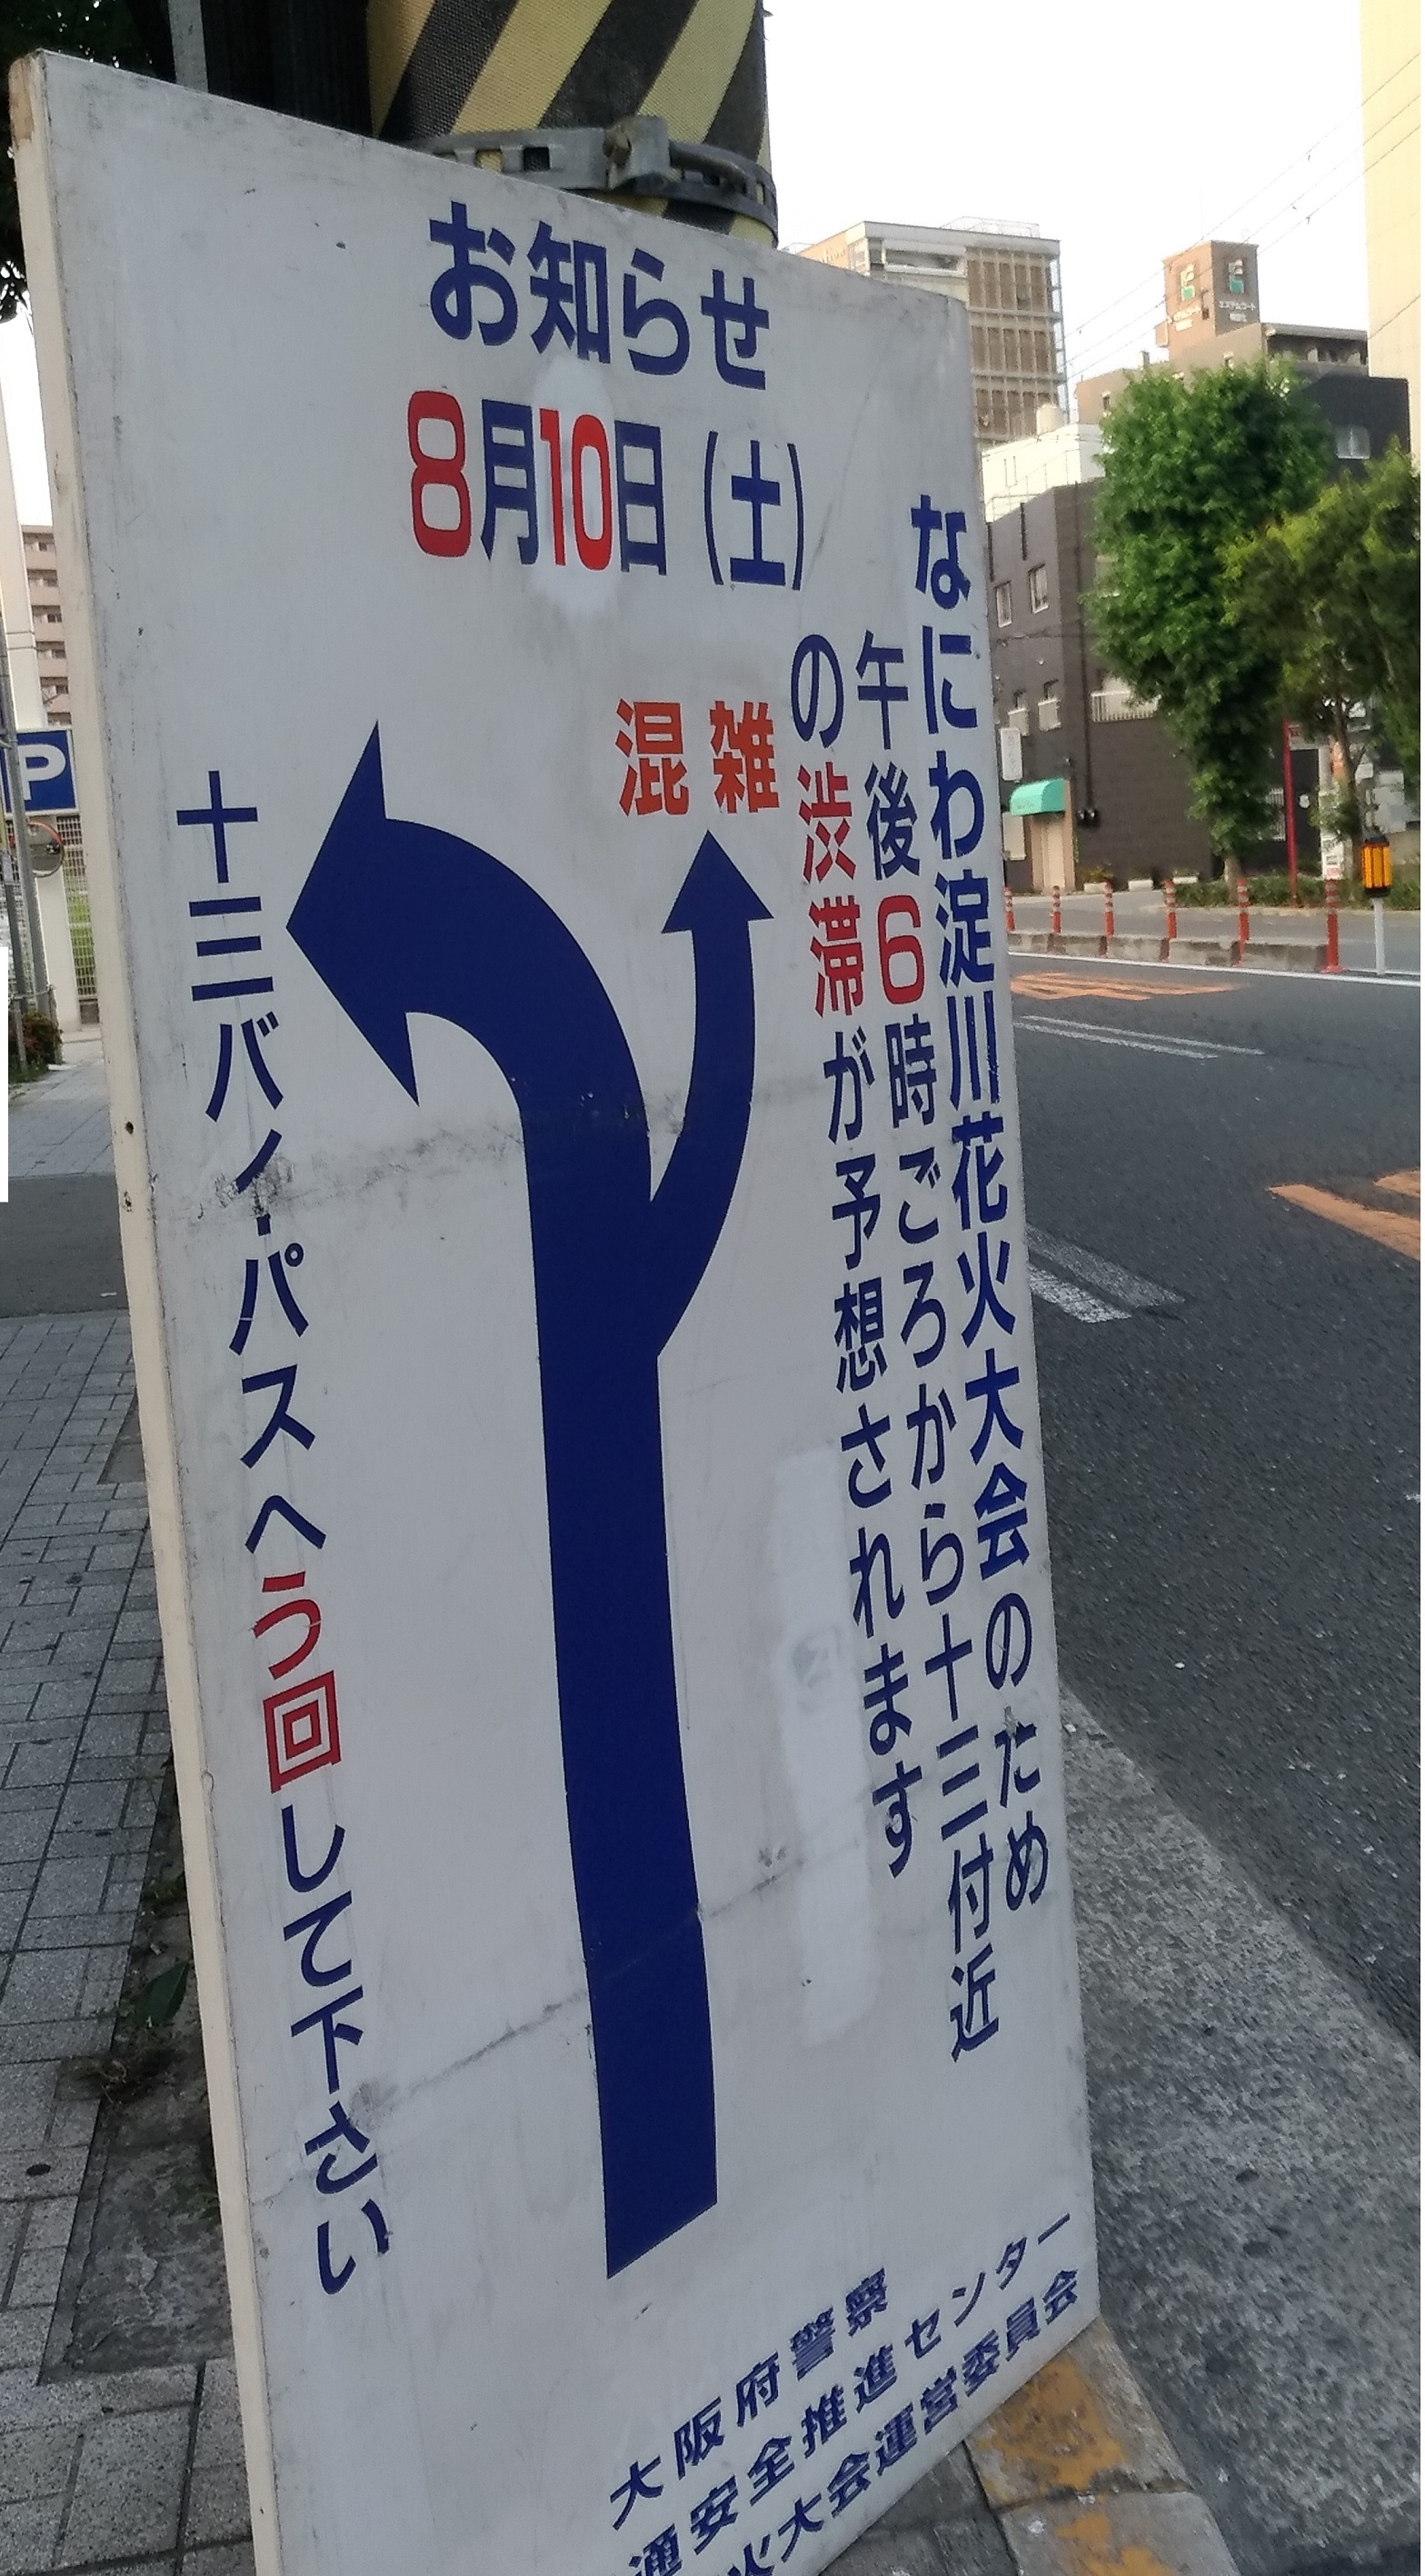 naniwa_yodogawa_hanabi2019.jpg